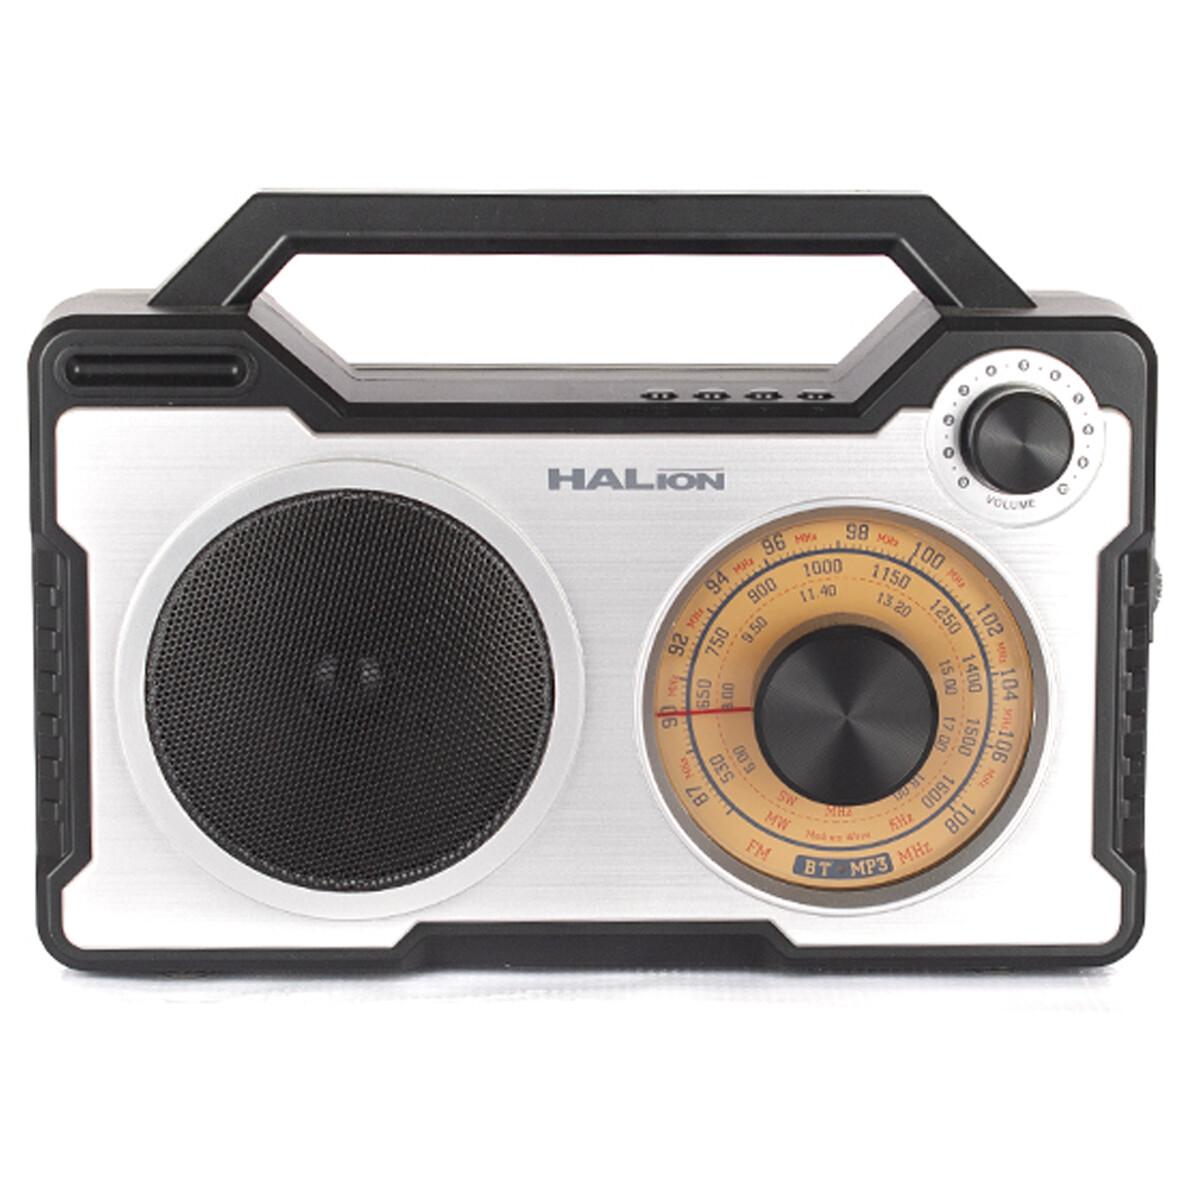 RADIO PARLANTE PORTATIL 30W   AM-FM   BLUETOOTH   TF CARD   HALION AT 7500